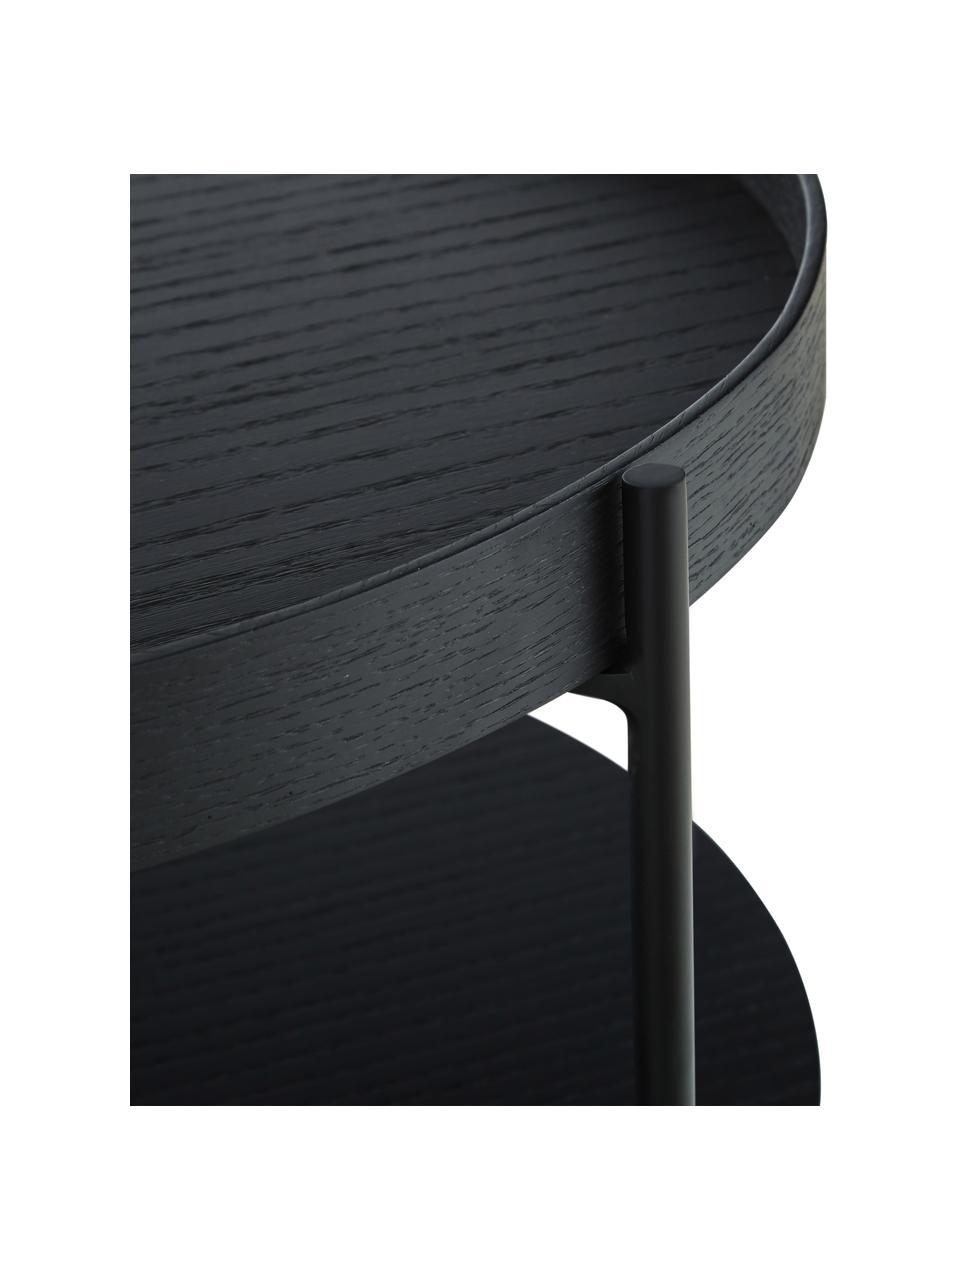 Stolik kawowy z drewna Renee, Blat: płyta pilśniowa średniej , Stelaż: metal malowany proszkowo, Czarny, Ø 69 x W 39 cm